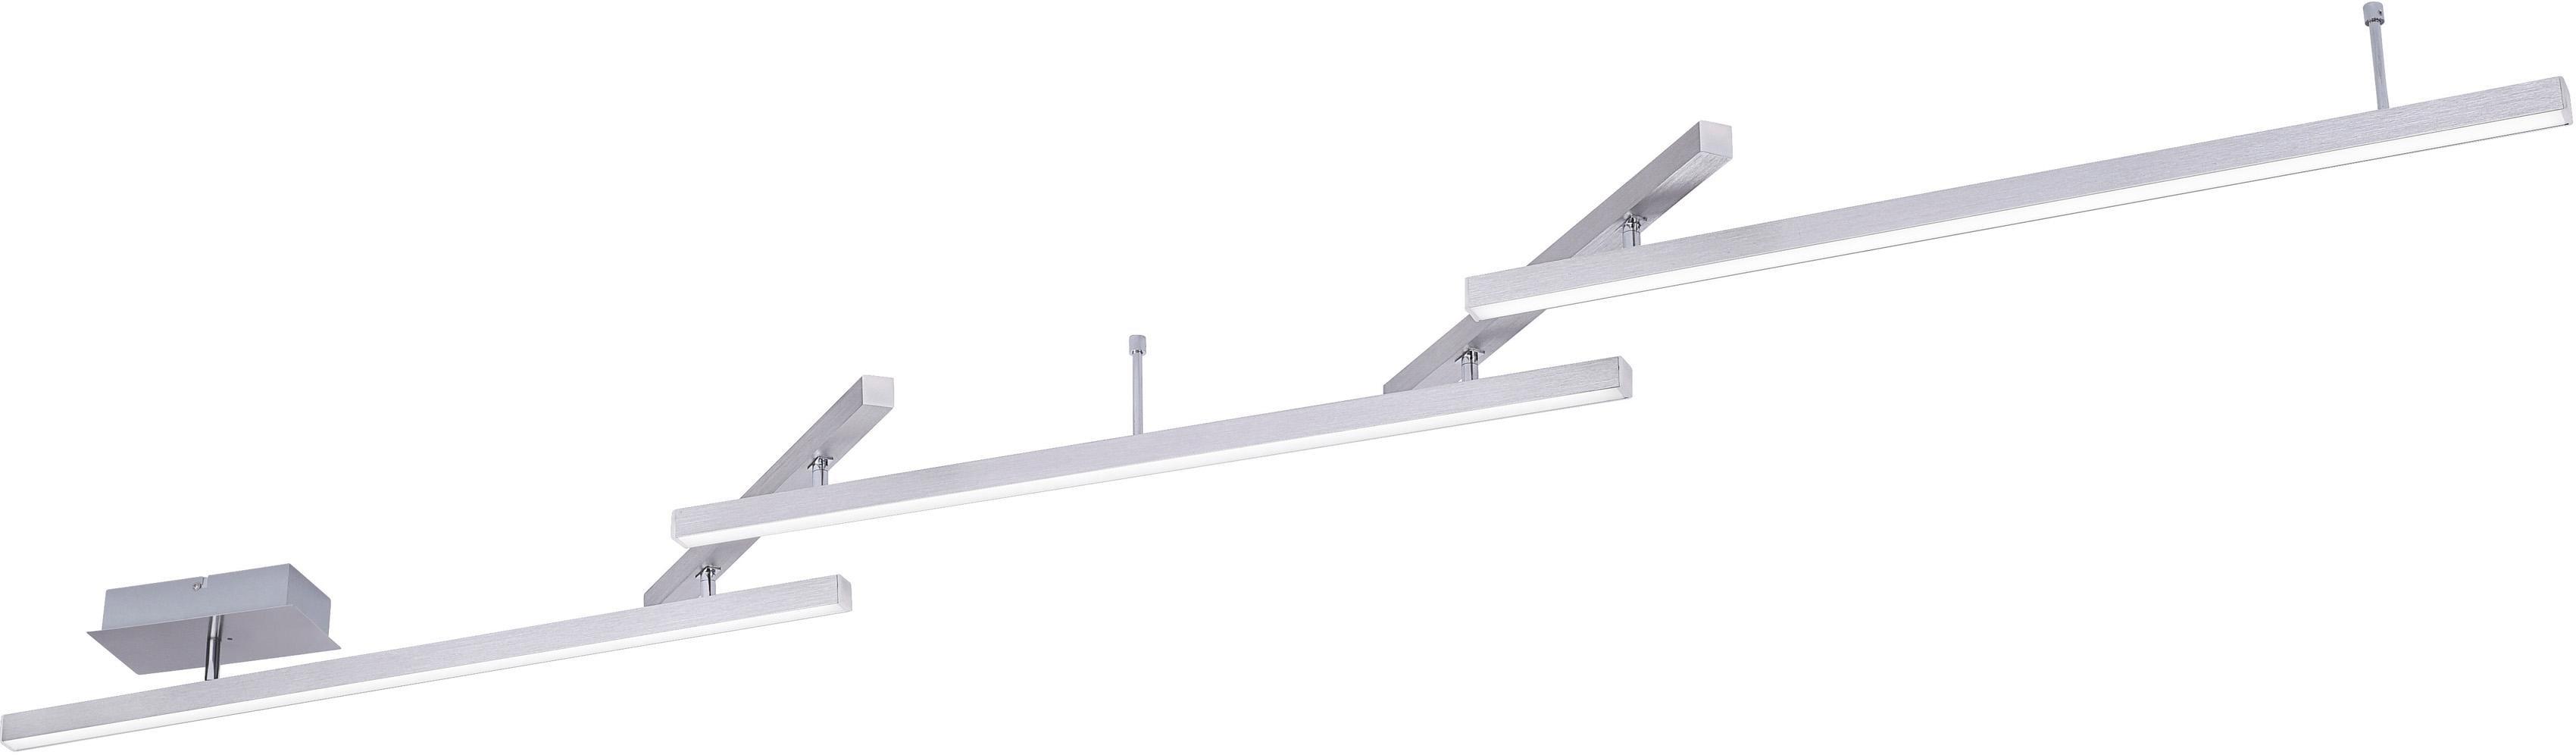 TRIO Leuchten LED Deckenleuchte MELBY, LED-Board, Warmweiß-Neutralweiß, Mit WiZ-Technologie für eine moderne Smart Home Lösung